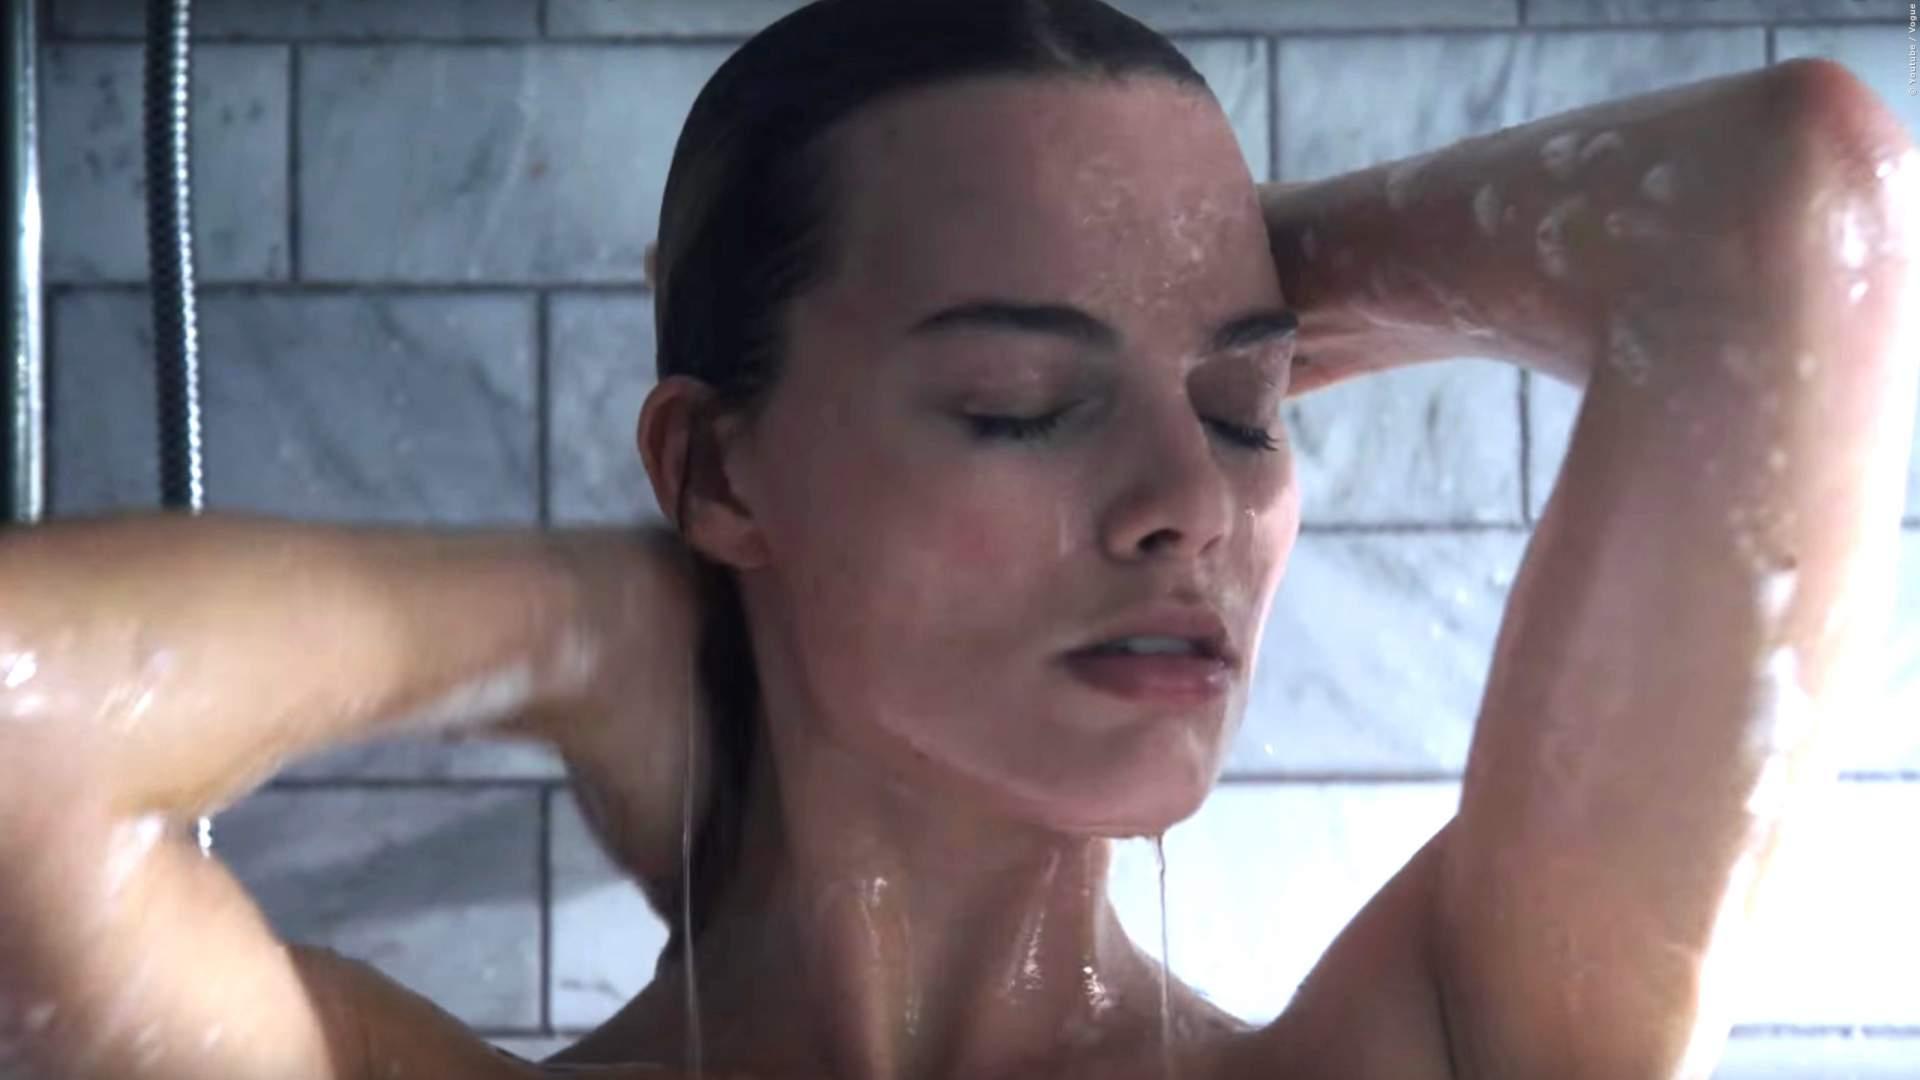 EKLIG: Das passiert mit deinem Körper, wenn du aufhörst zu duschen